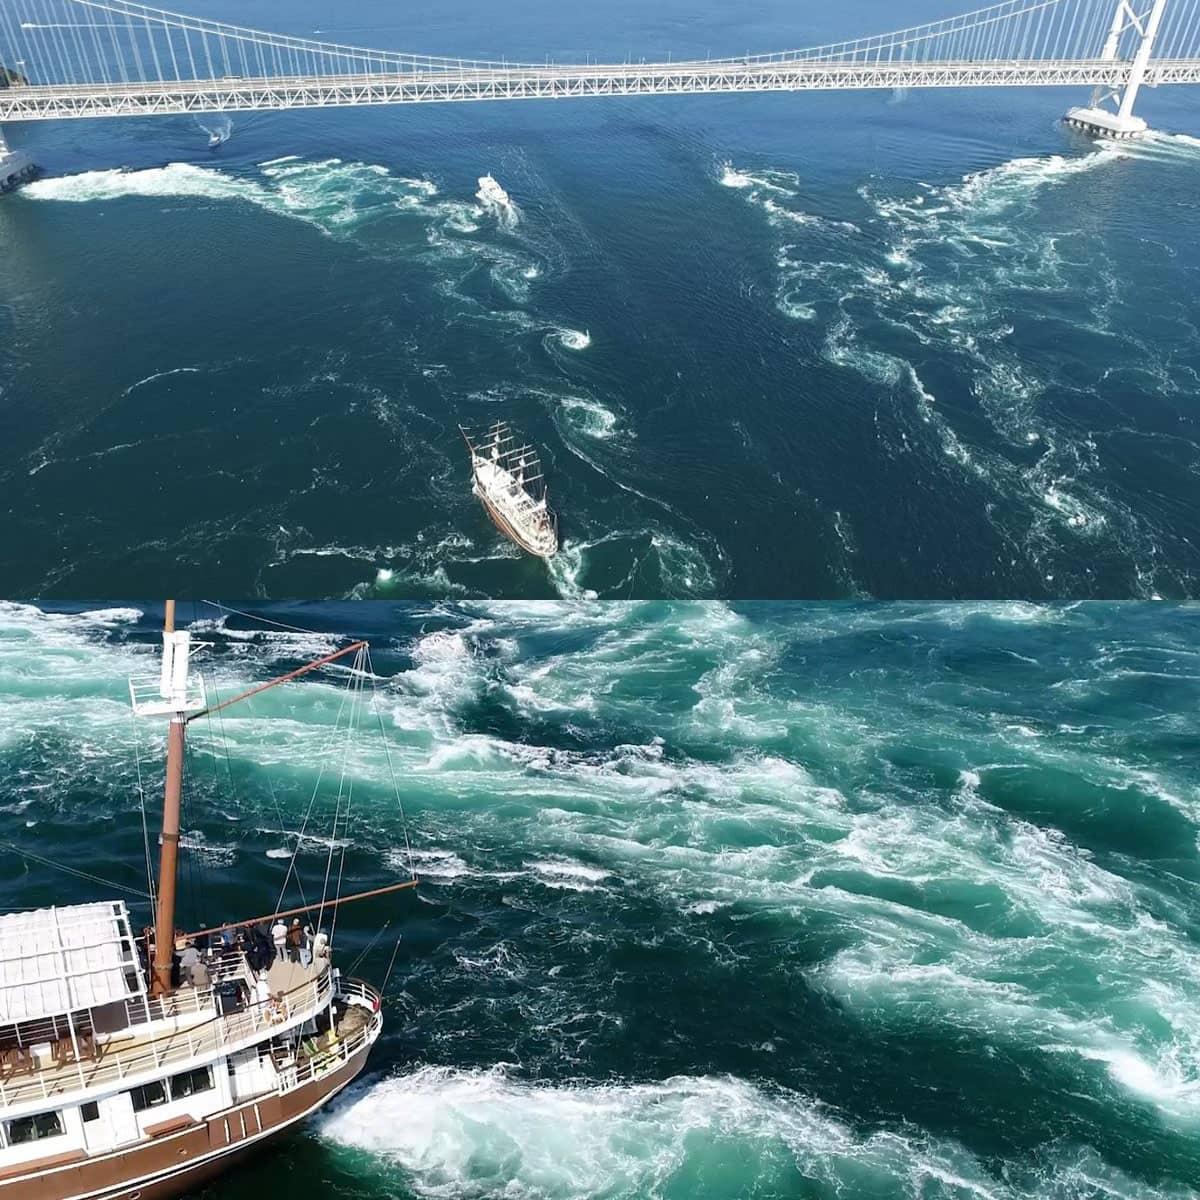 鳴門海峡の渦潮 世界一の理由と発生するメカニズム | アワタビ